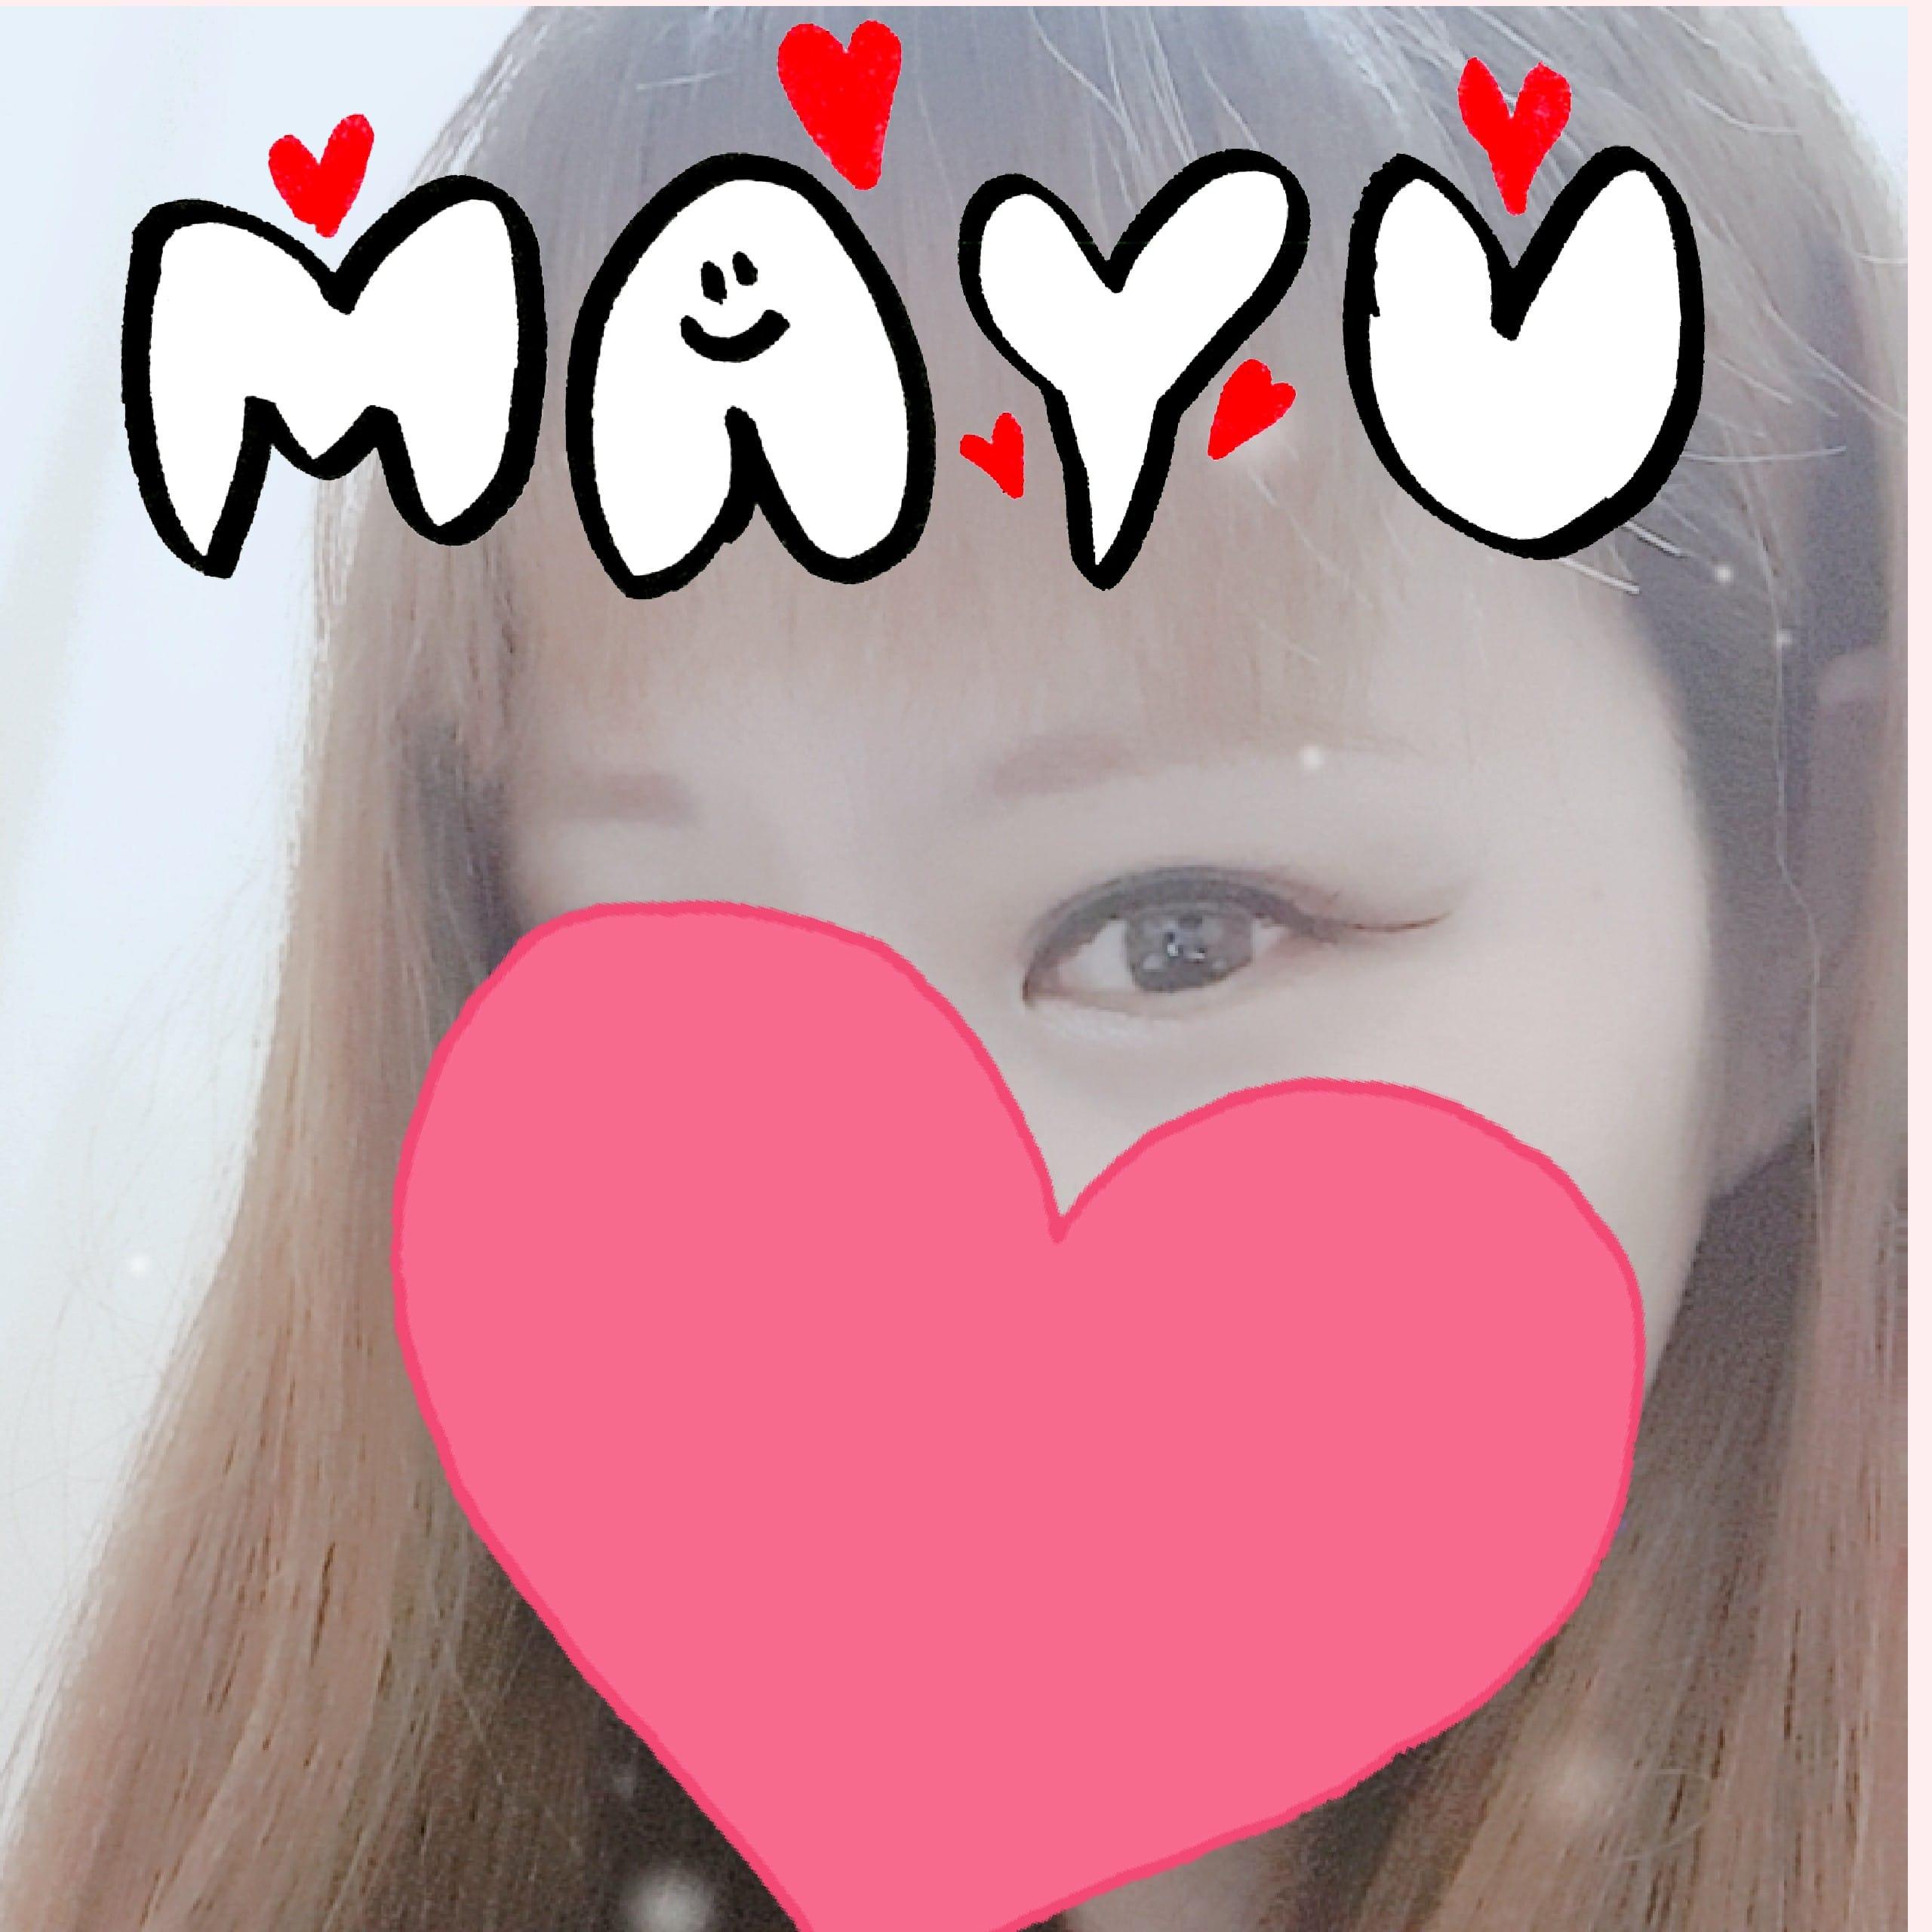 「おれーい♪♪」04/18(04/18) 02:14   まゆの写メ・風俗動画